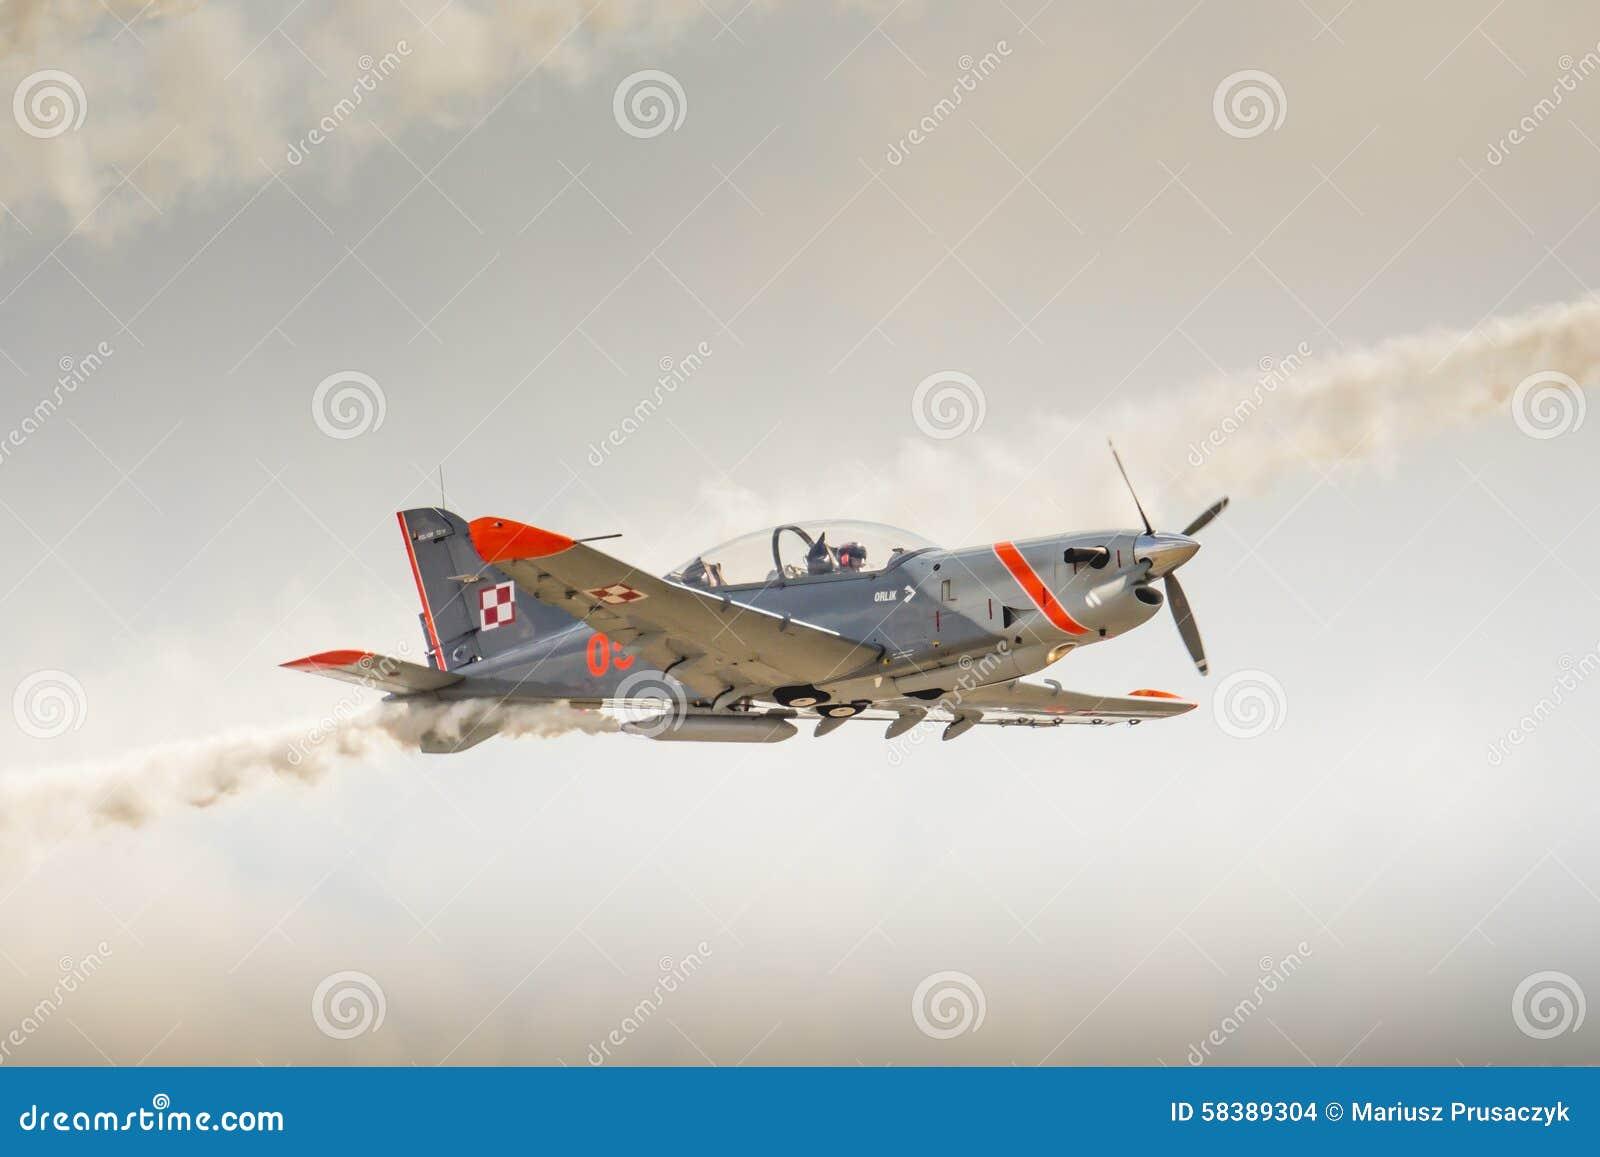 RADOM, POLEN - AUGUSTUS 23: Van de Orlik (Polen) het aerobatic vertoning team